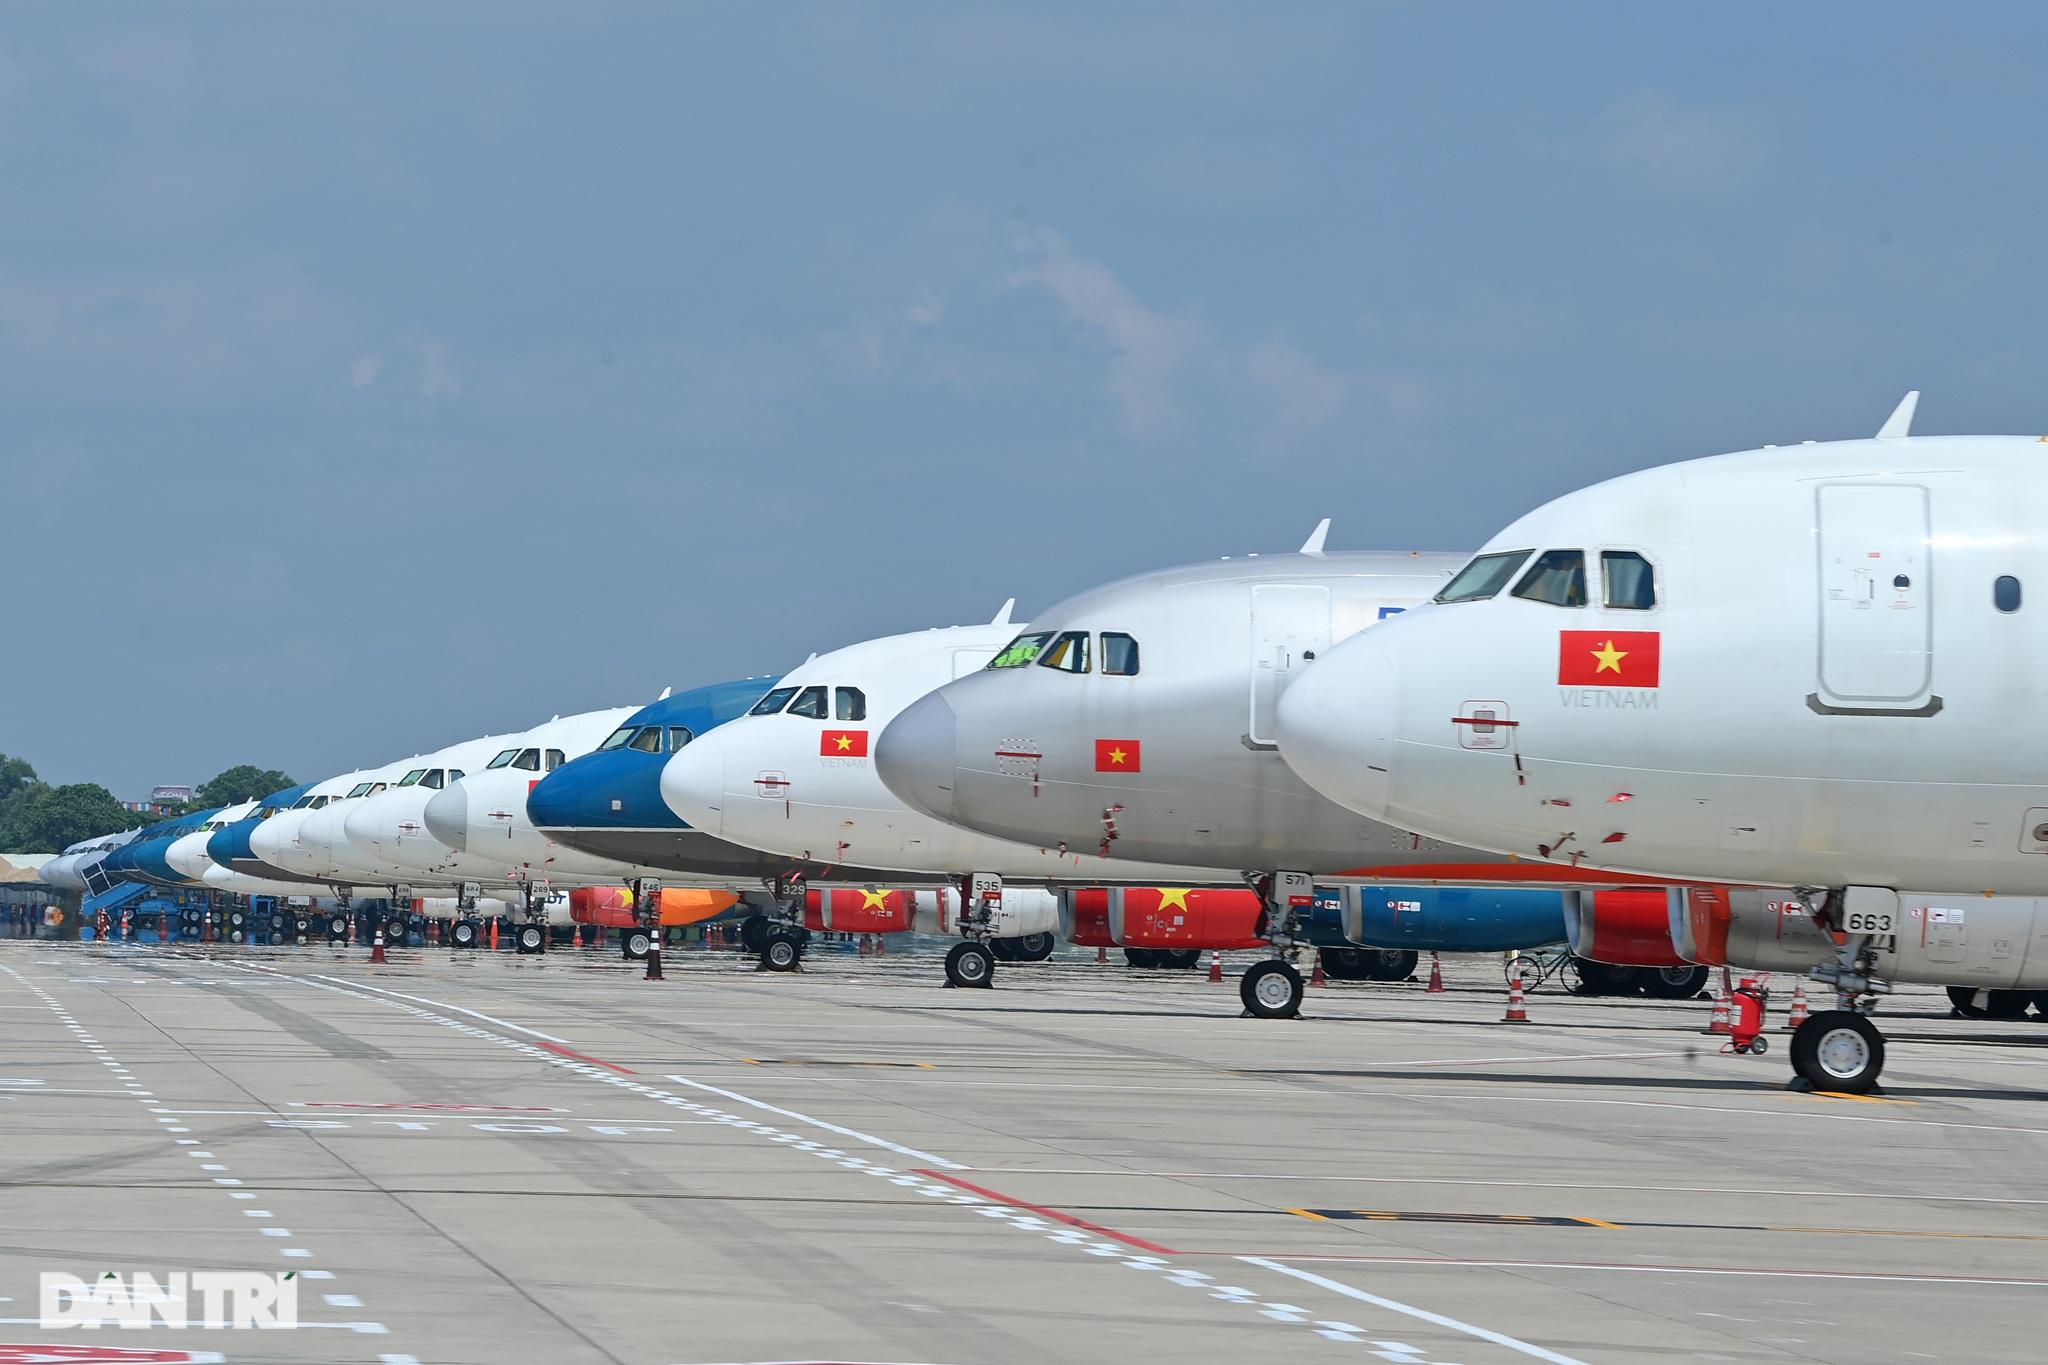 Ám ảnh hàng trăm tàu bay đắp chiếu nằm la liệt tại Nội Bài, Tân Sơn Nhất - 3